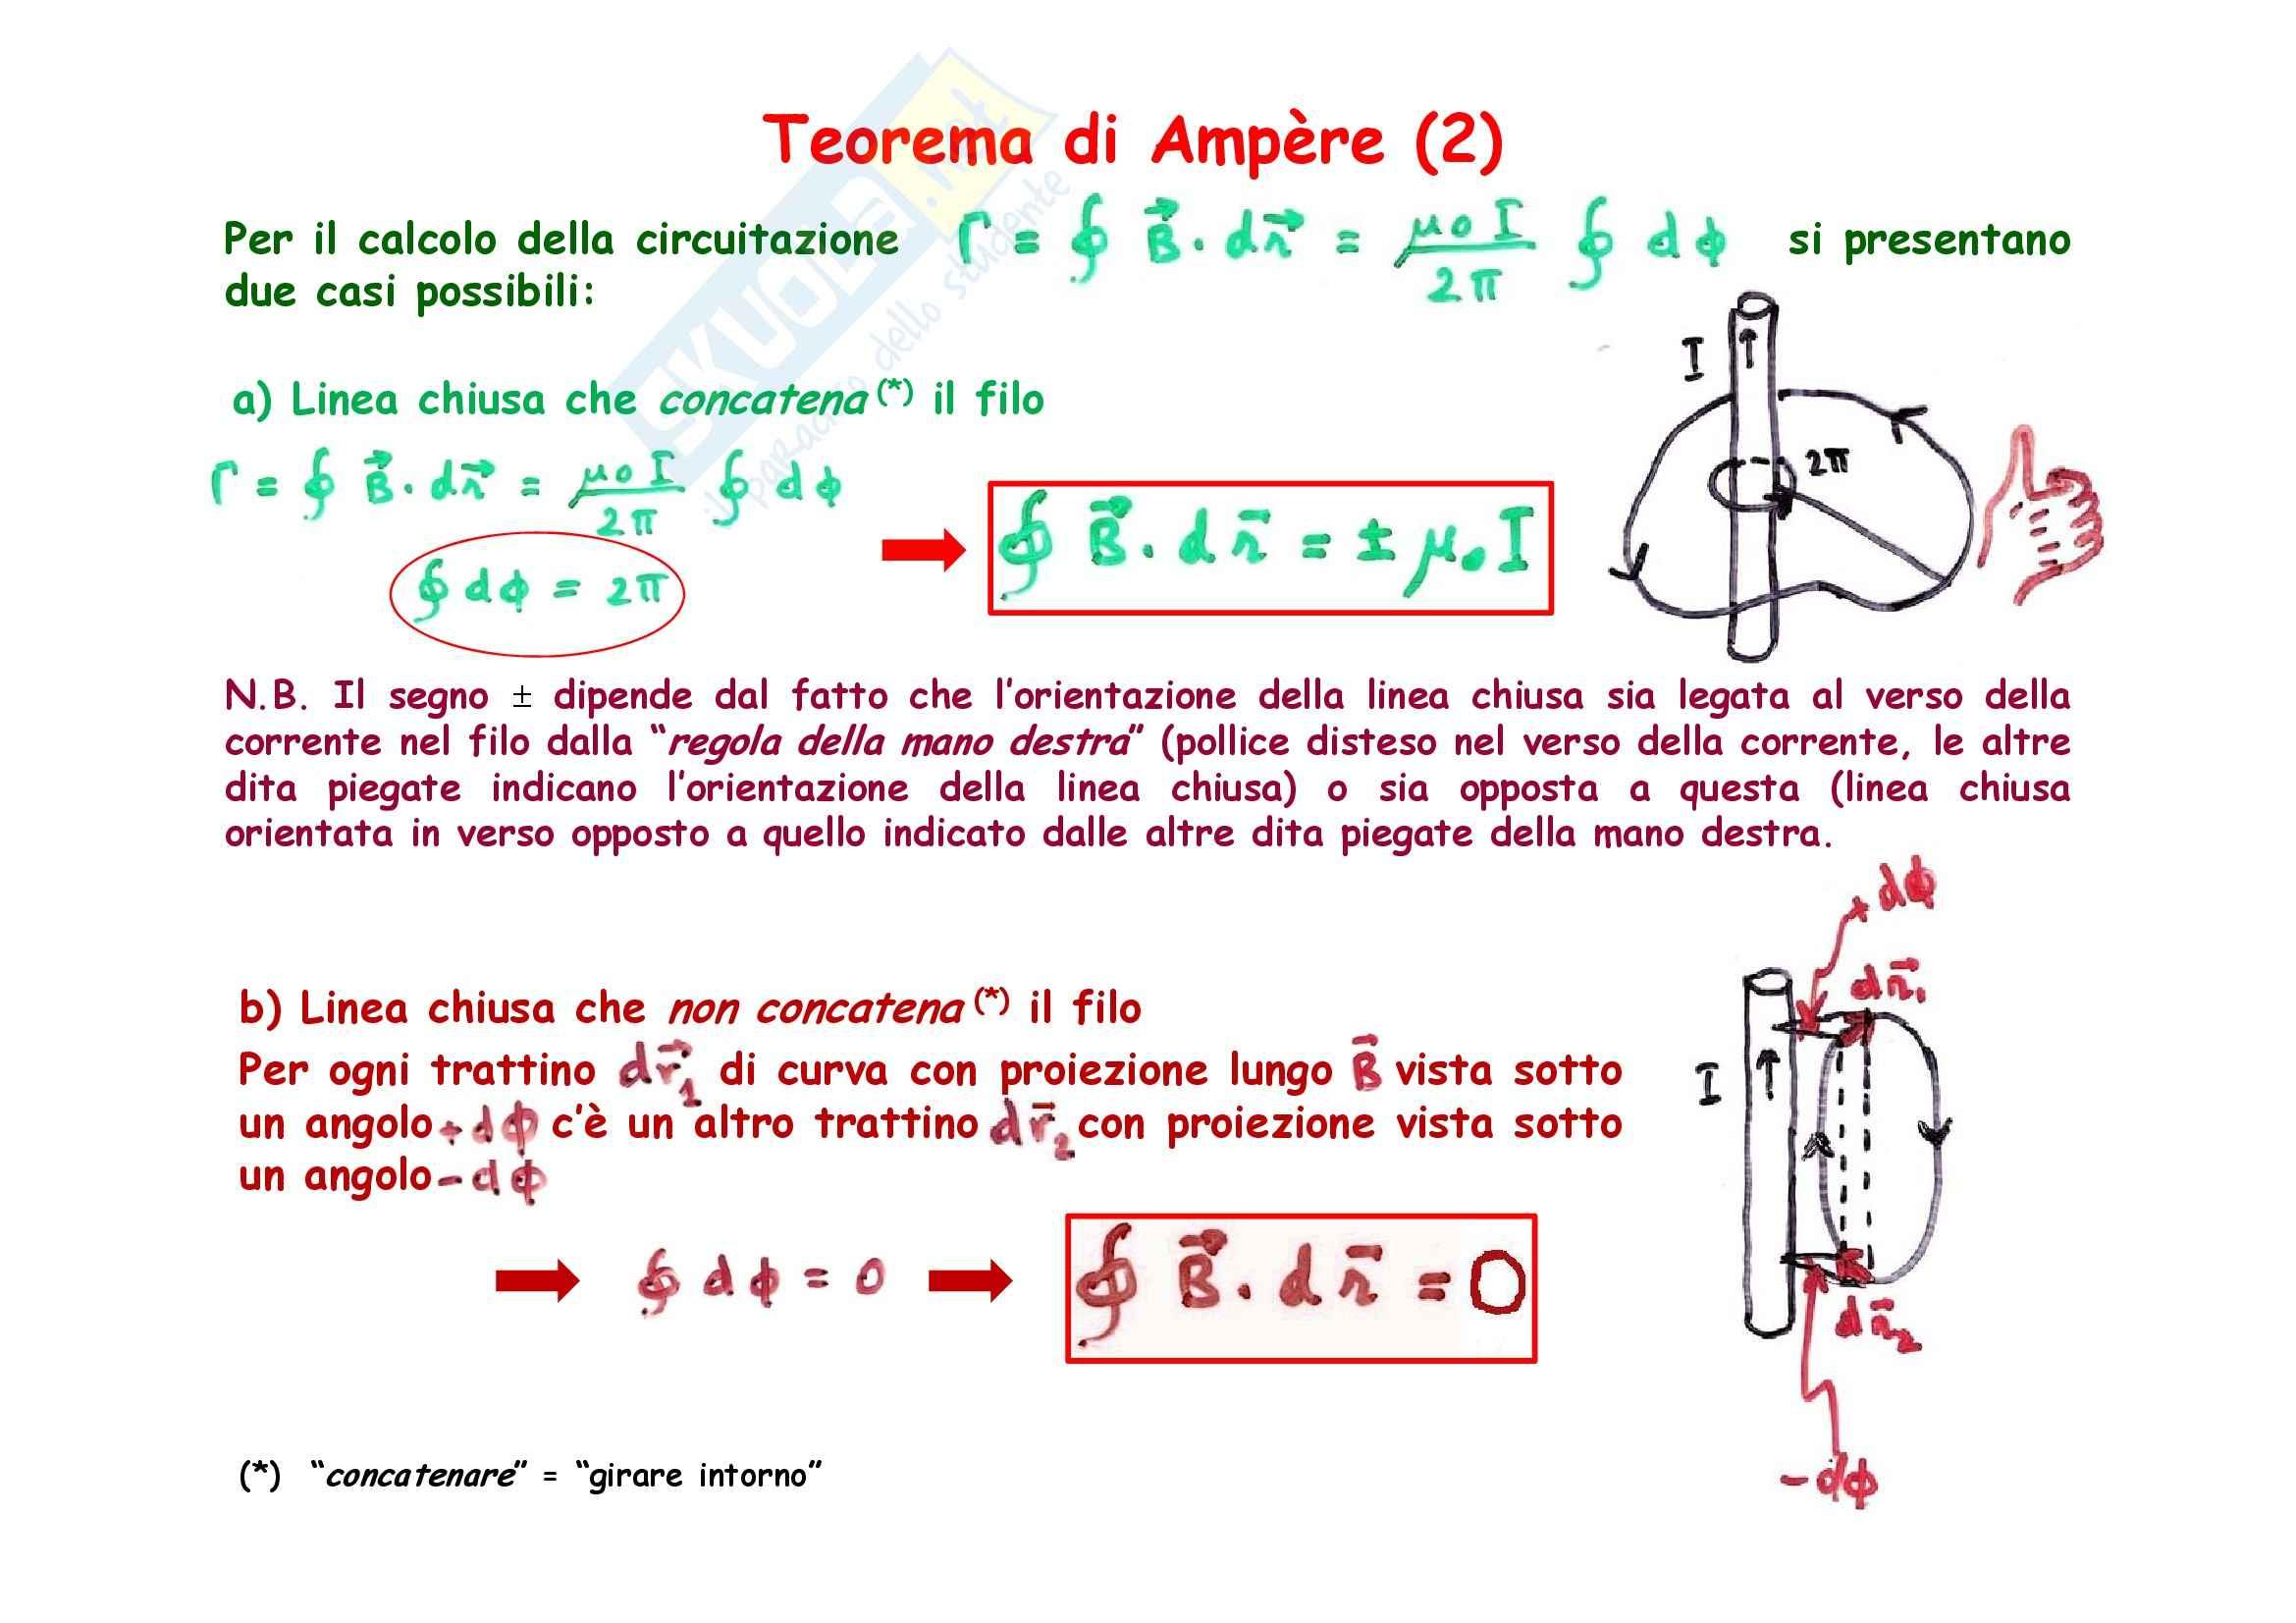 Fisica generale - il campo magnetico e il Teorema di Ampere Pag. 31